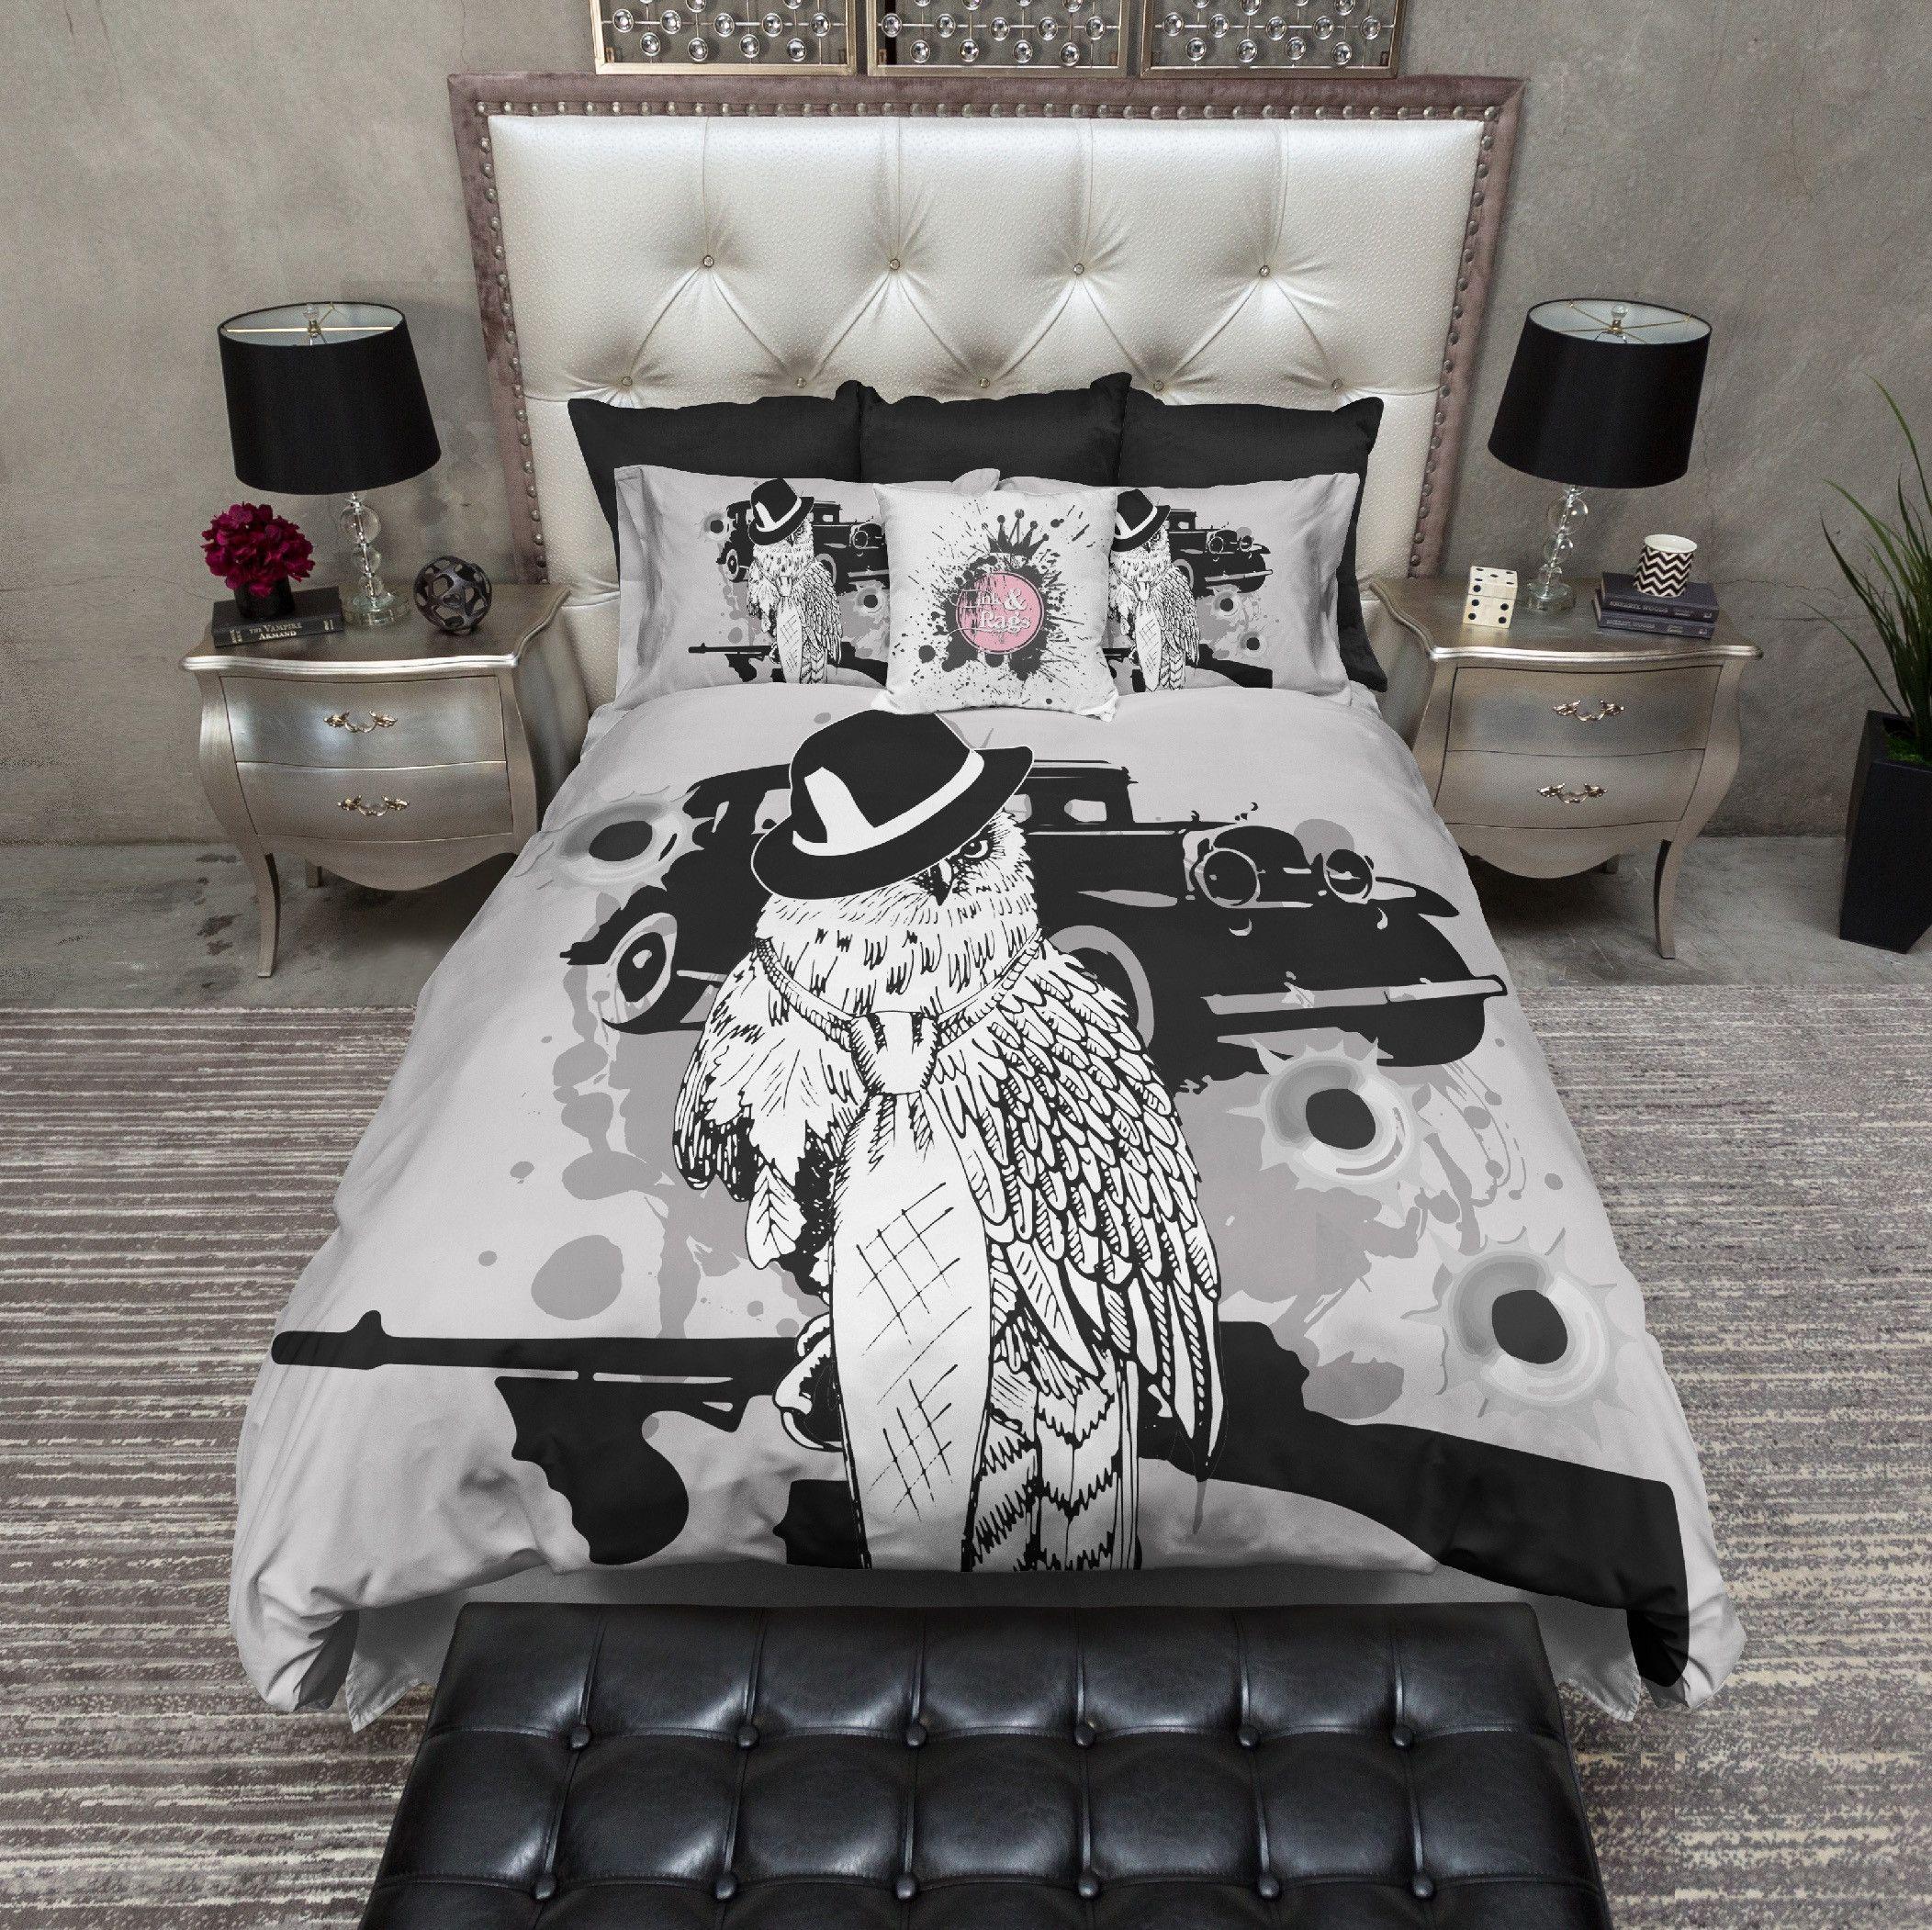 Gangster Owl Bedding With Images Duvet Bedding Sets Bedding